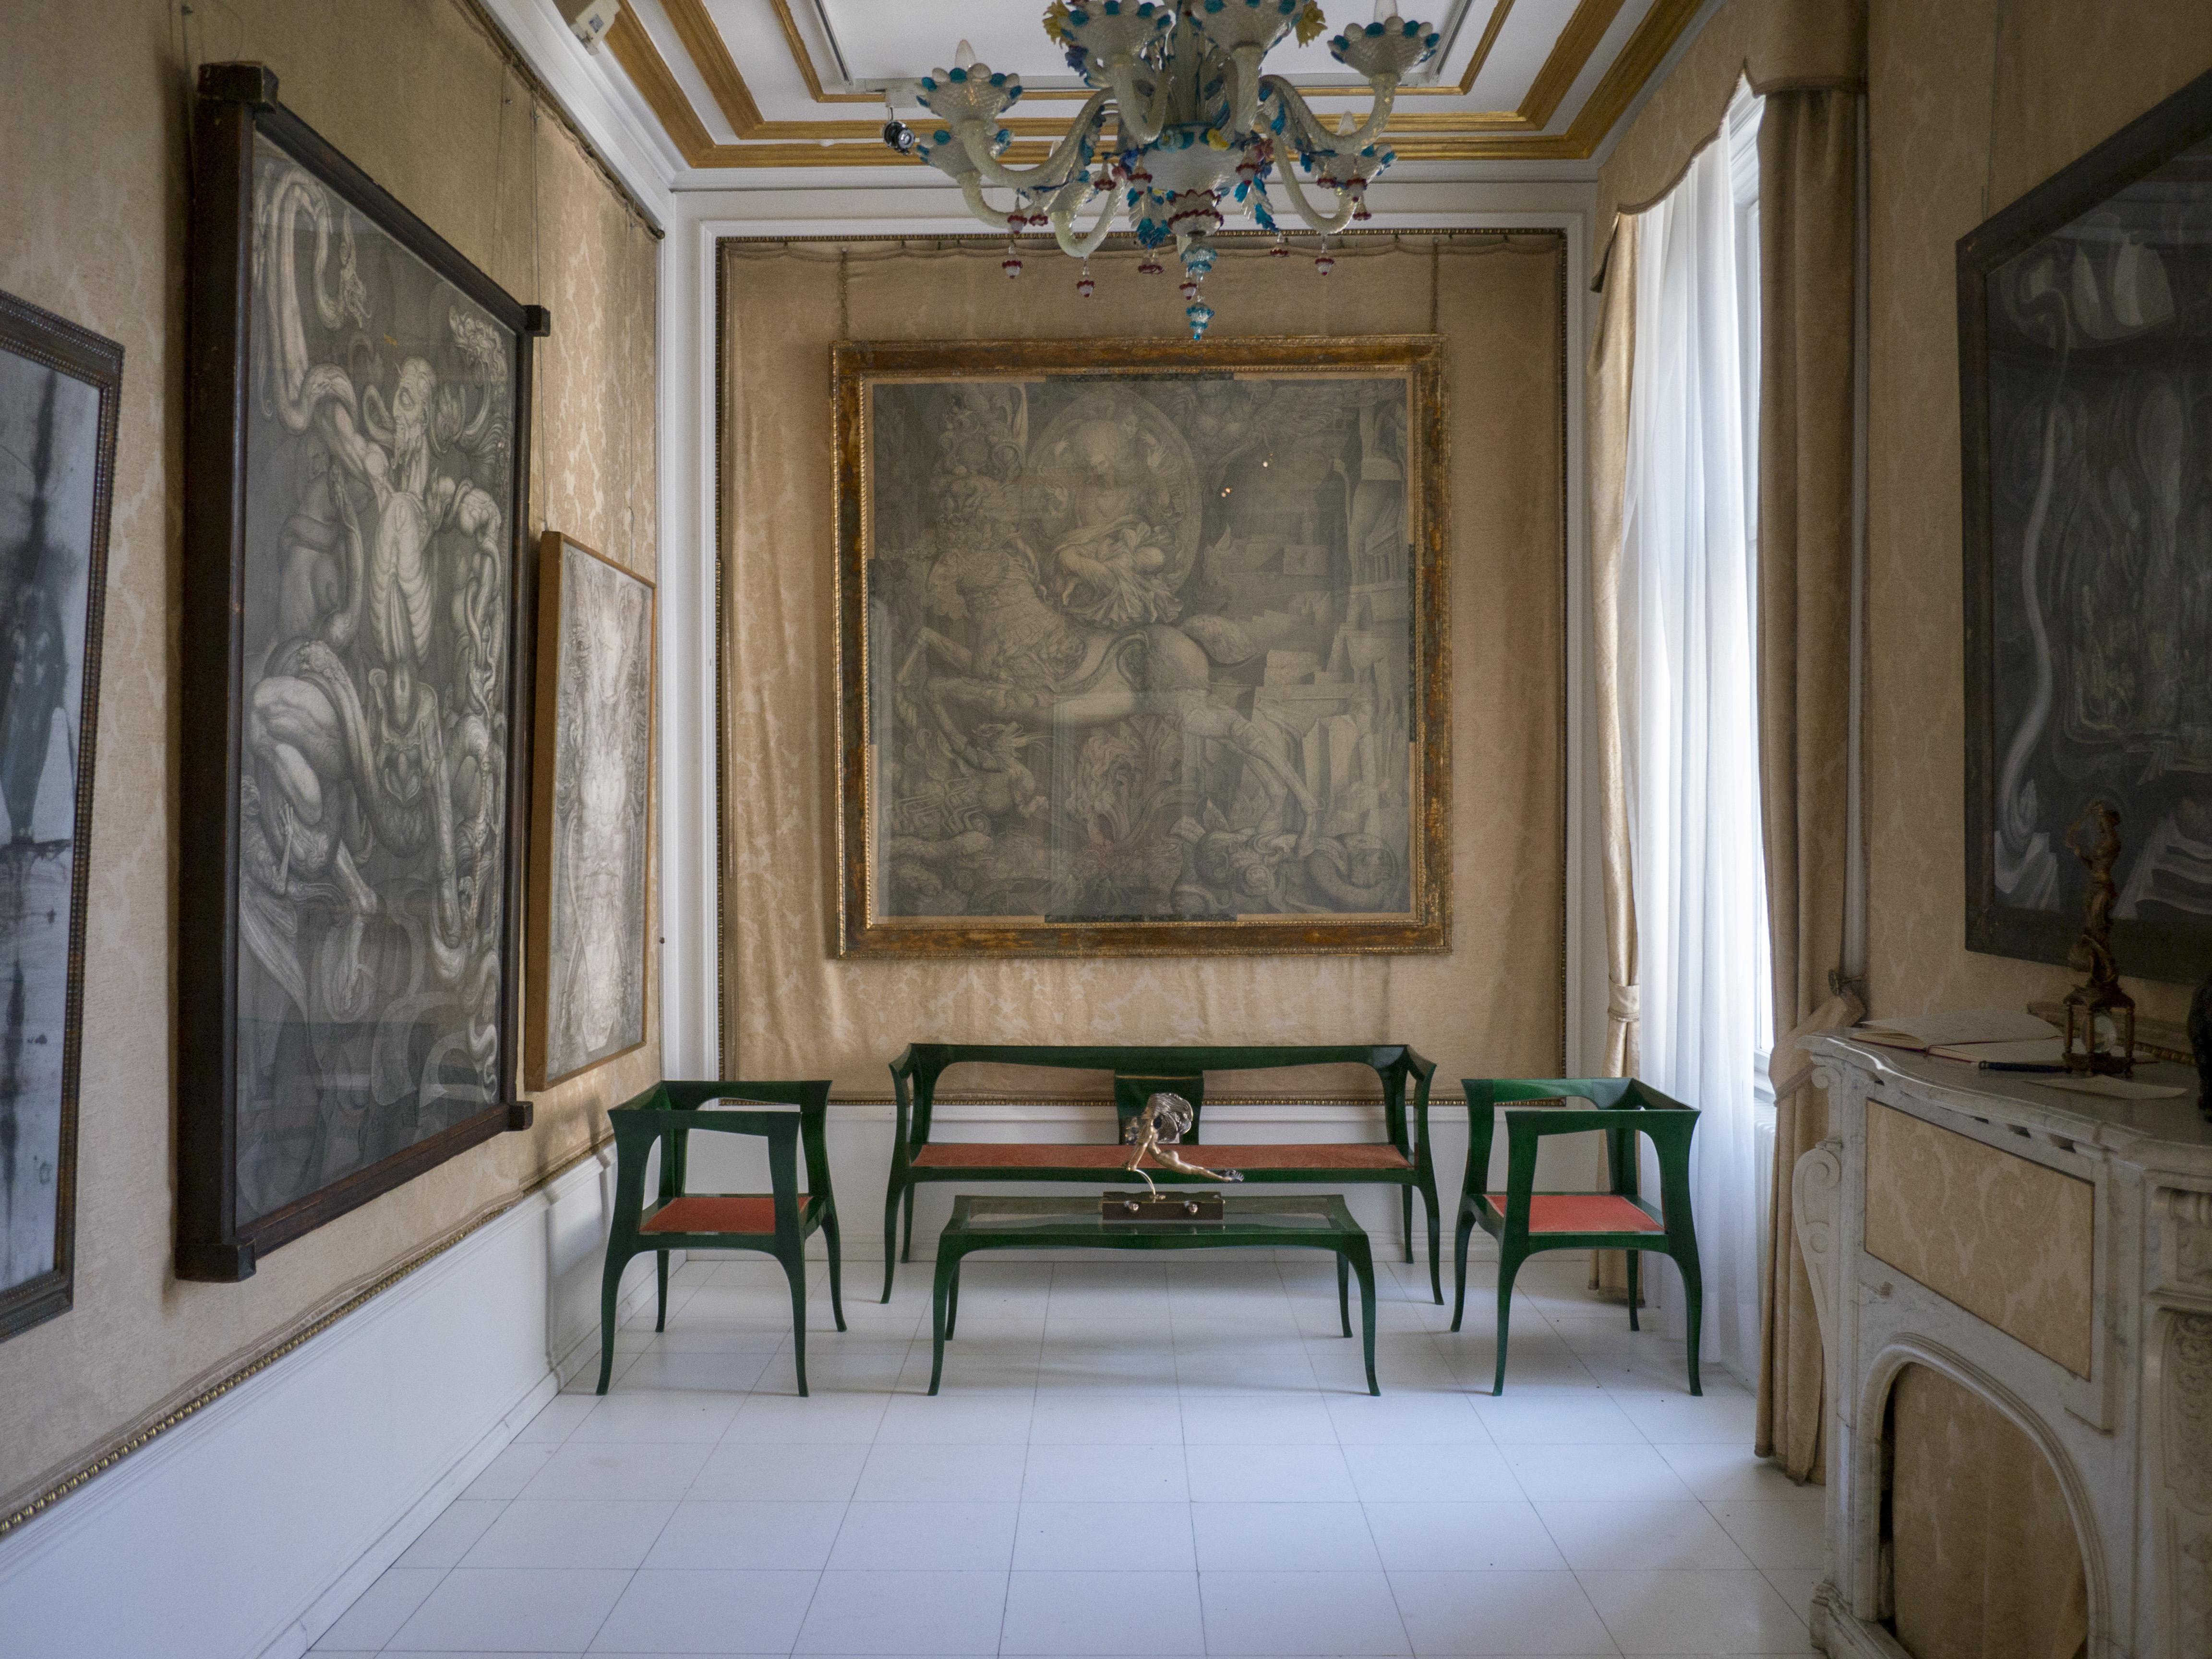 File:Villa Wagner I Innenansicht Kamin Salon.JPG